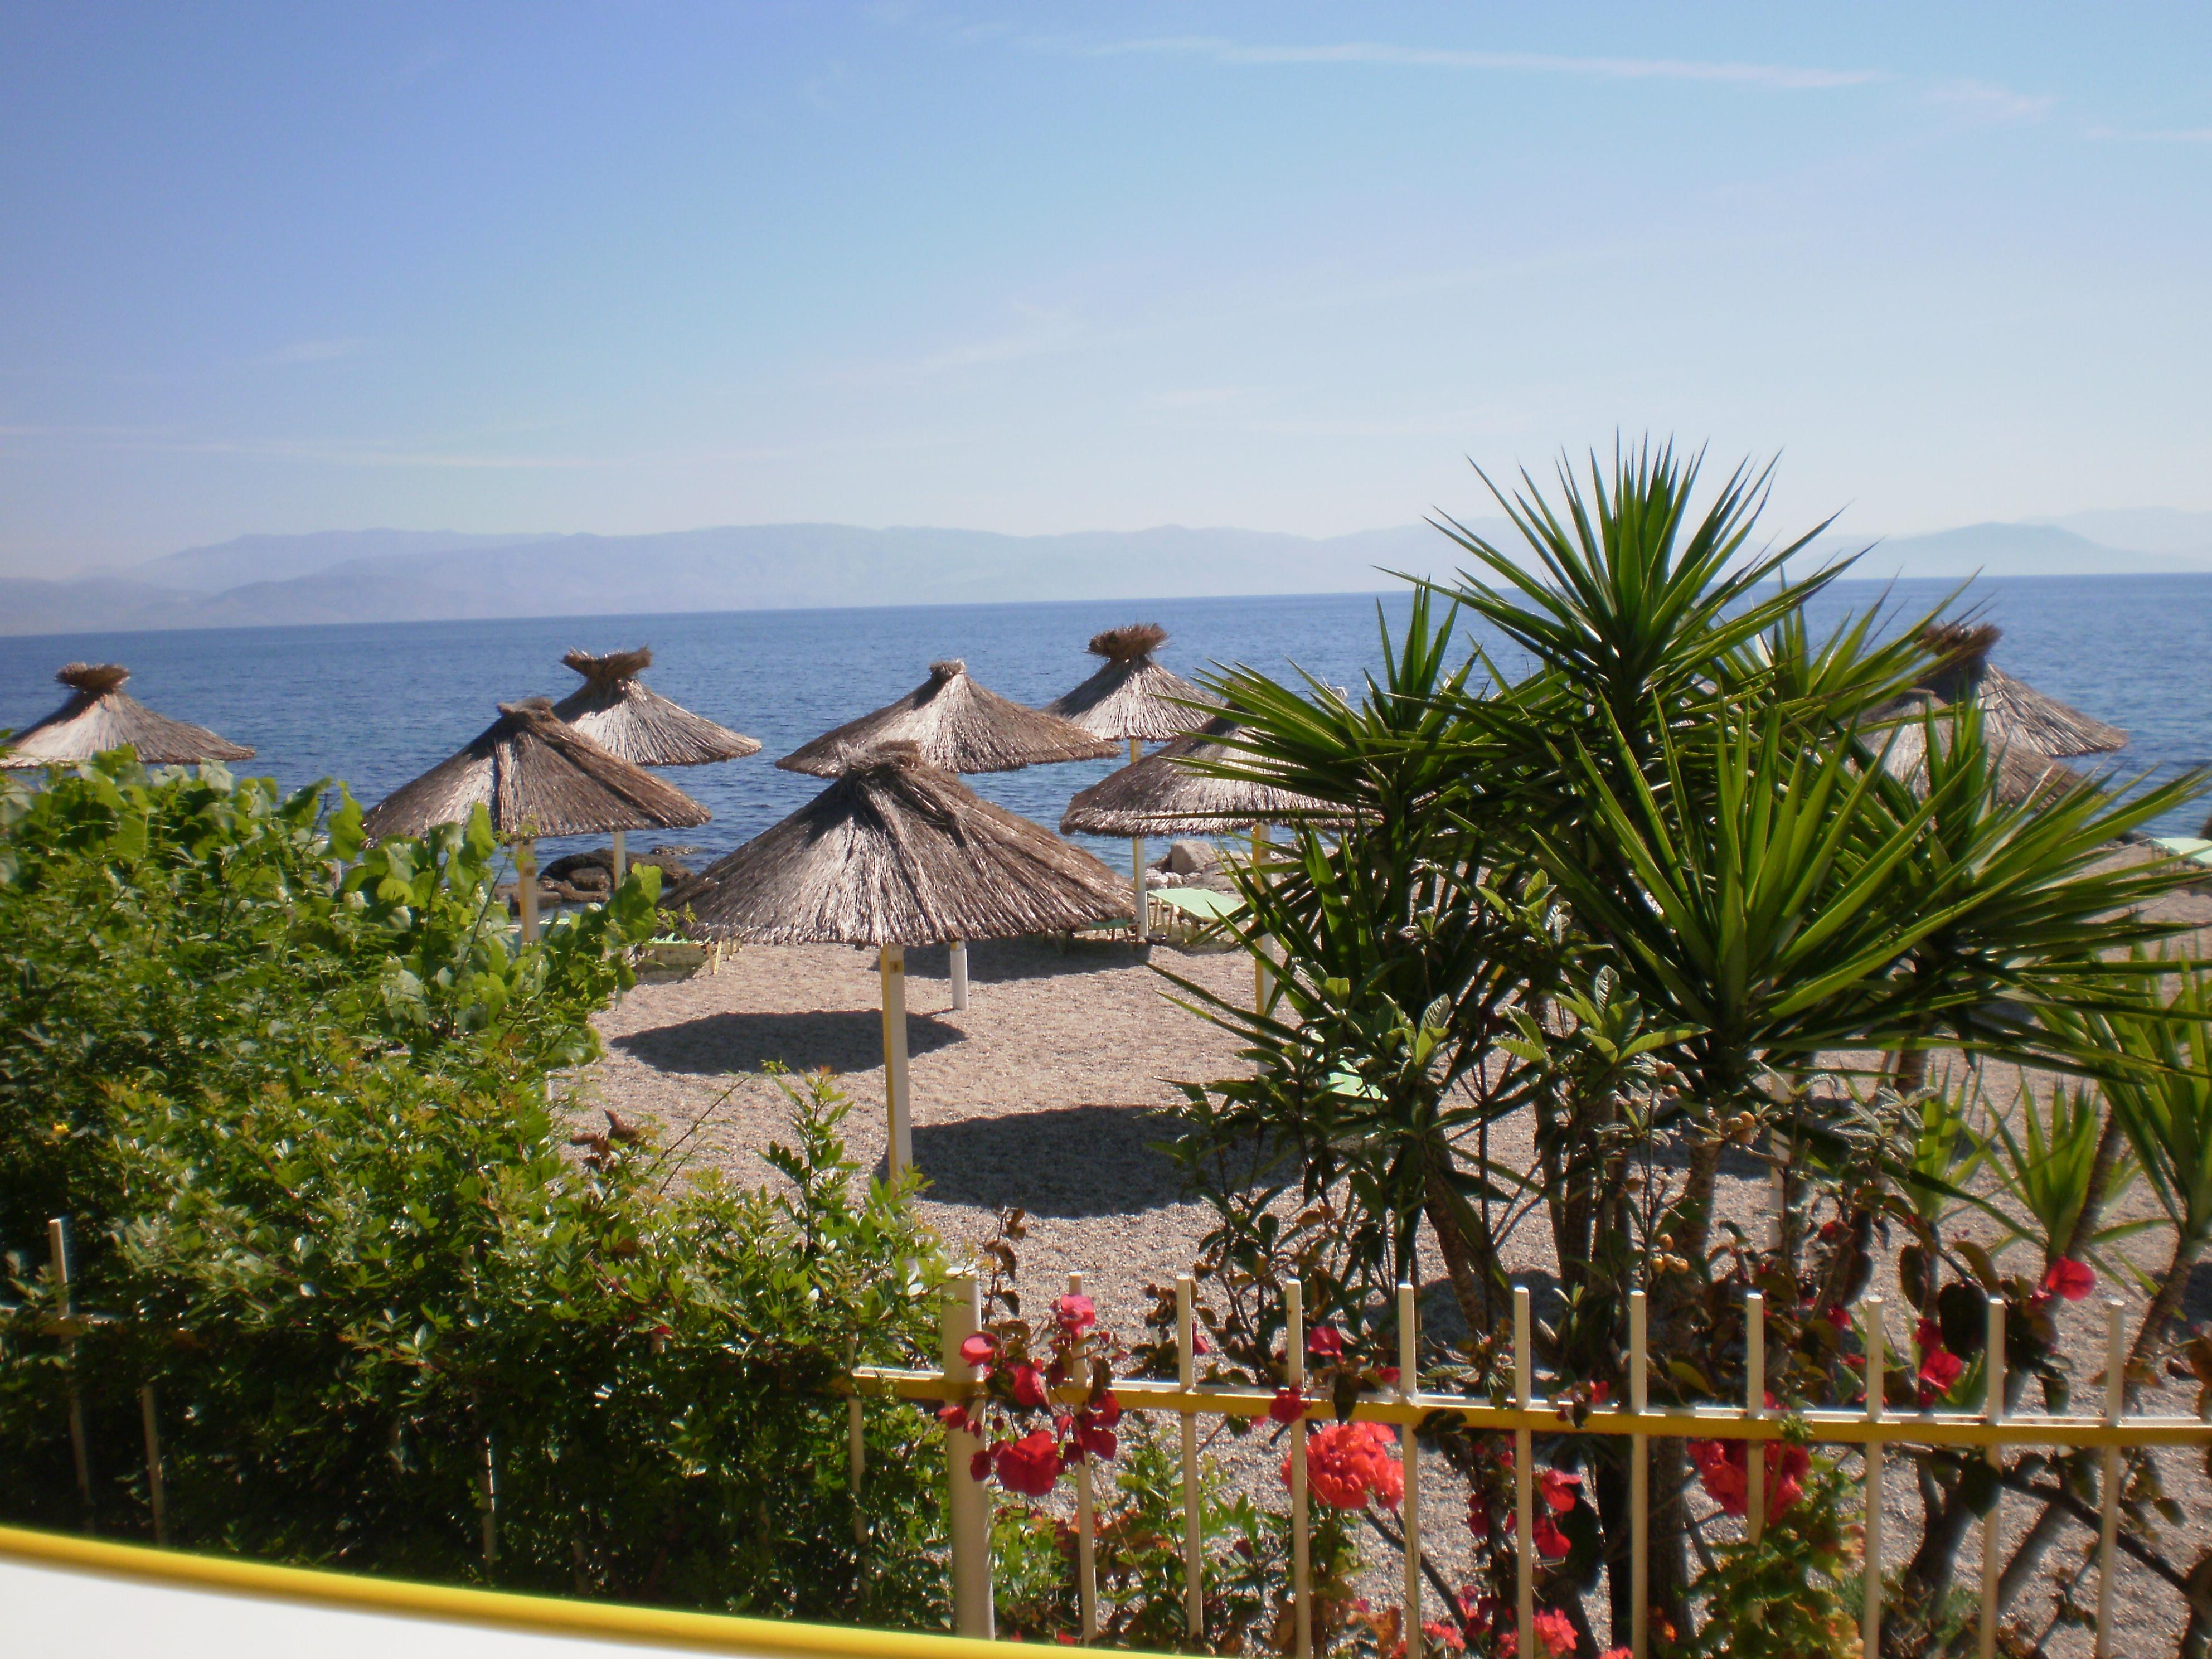 Maison de vacances Entspannte Ferien ein paar Schritte vom Meer entfernt und mit einem Gefhl der Privatsphre (2378713), Moraitika, Corfou, Iles Ioniennes, Grèce, image 19